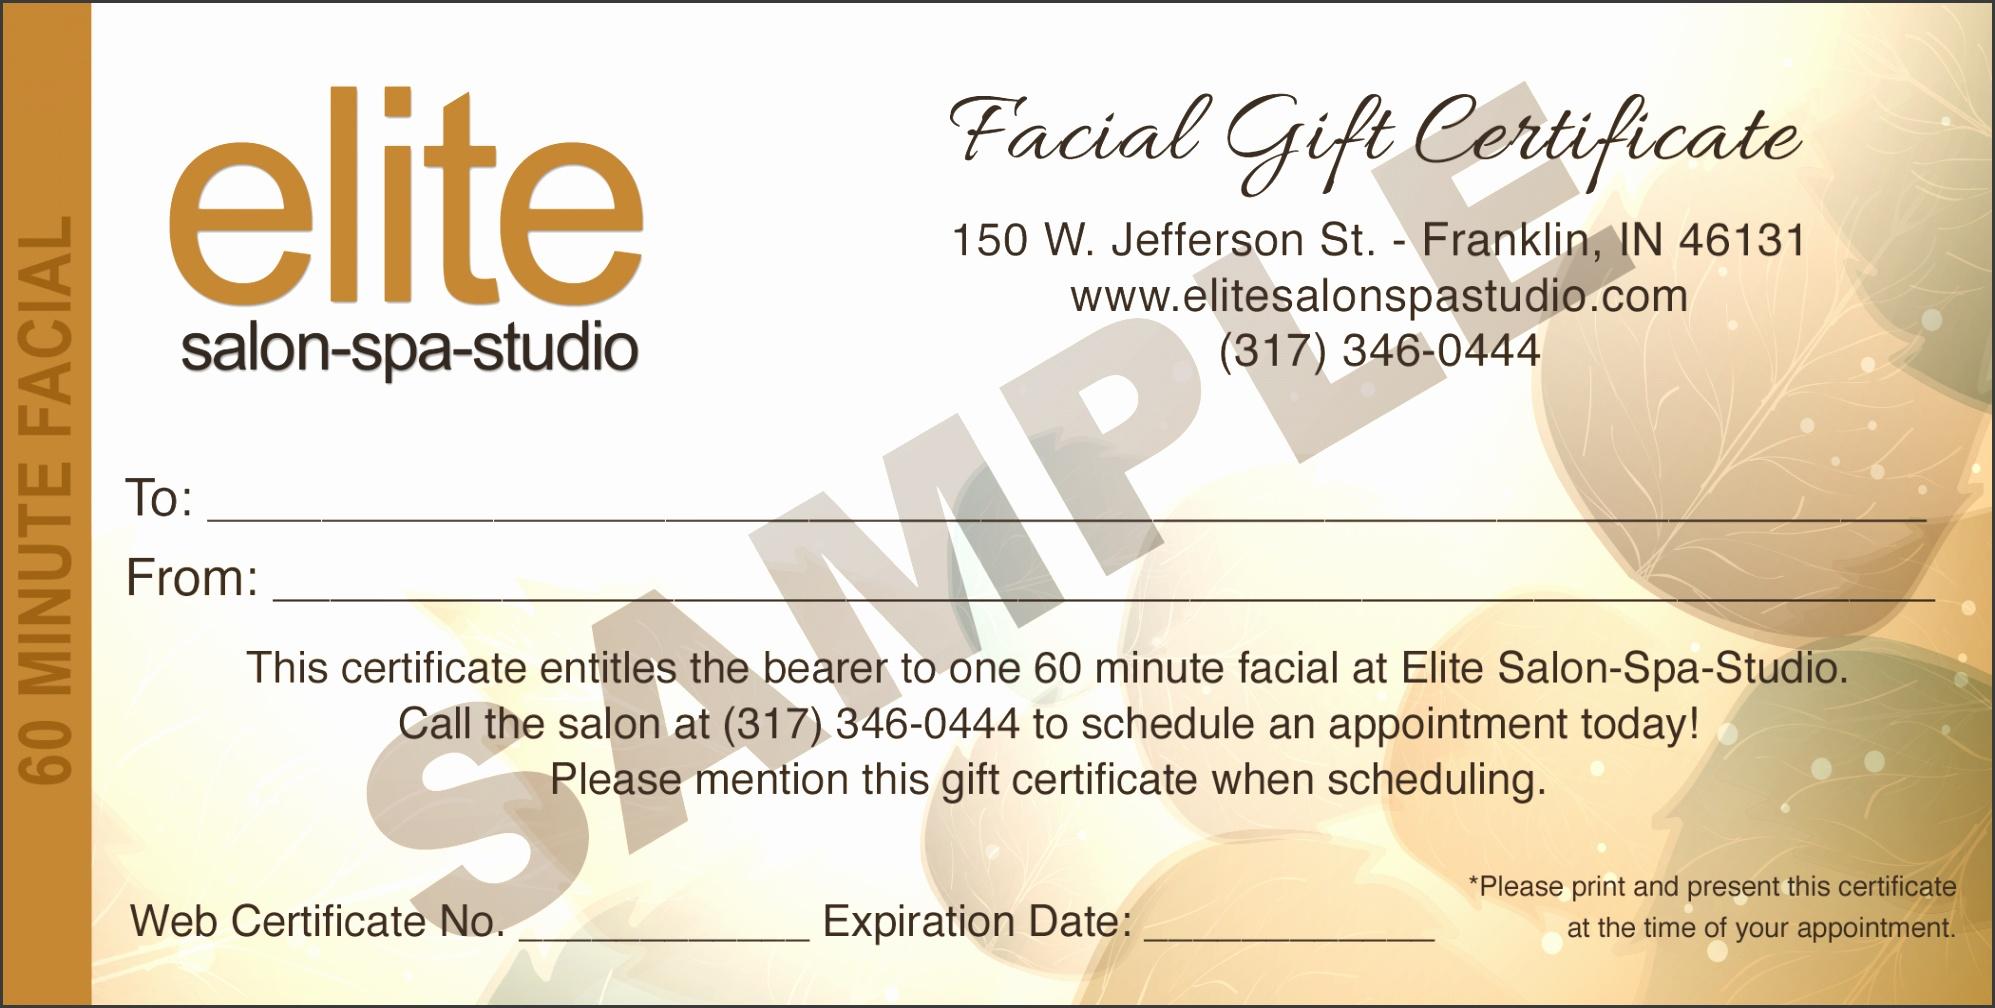 Facial Gift Certificate Sample